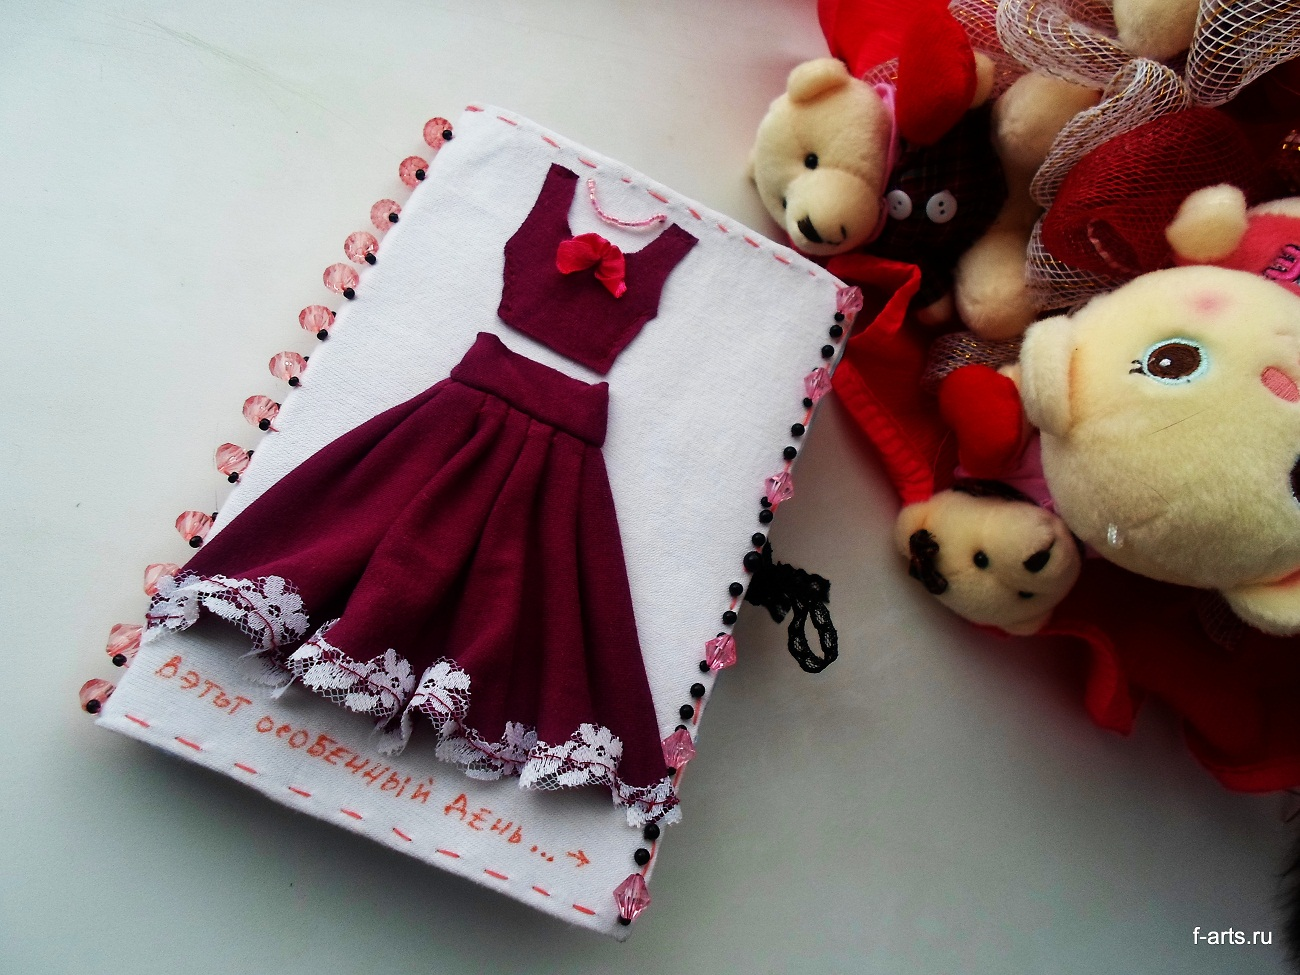 Открытка своими руками на день рождения в виде платья 25